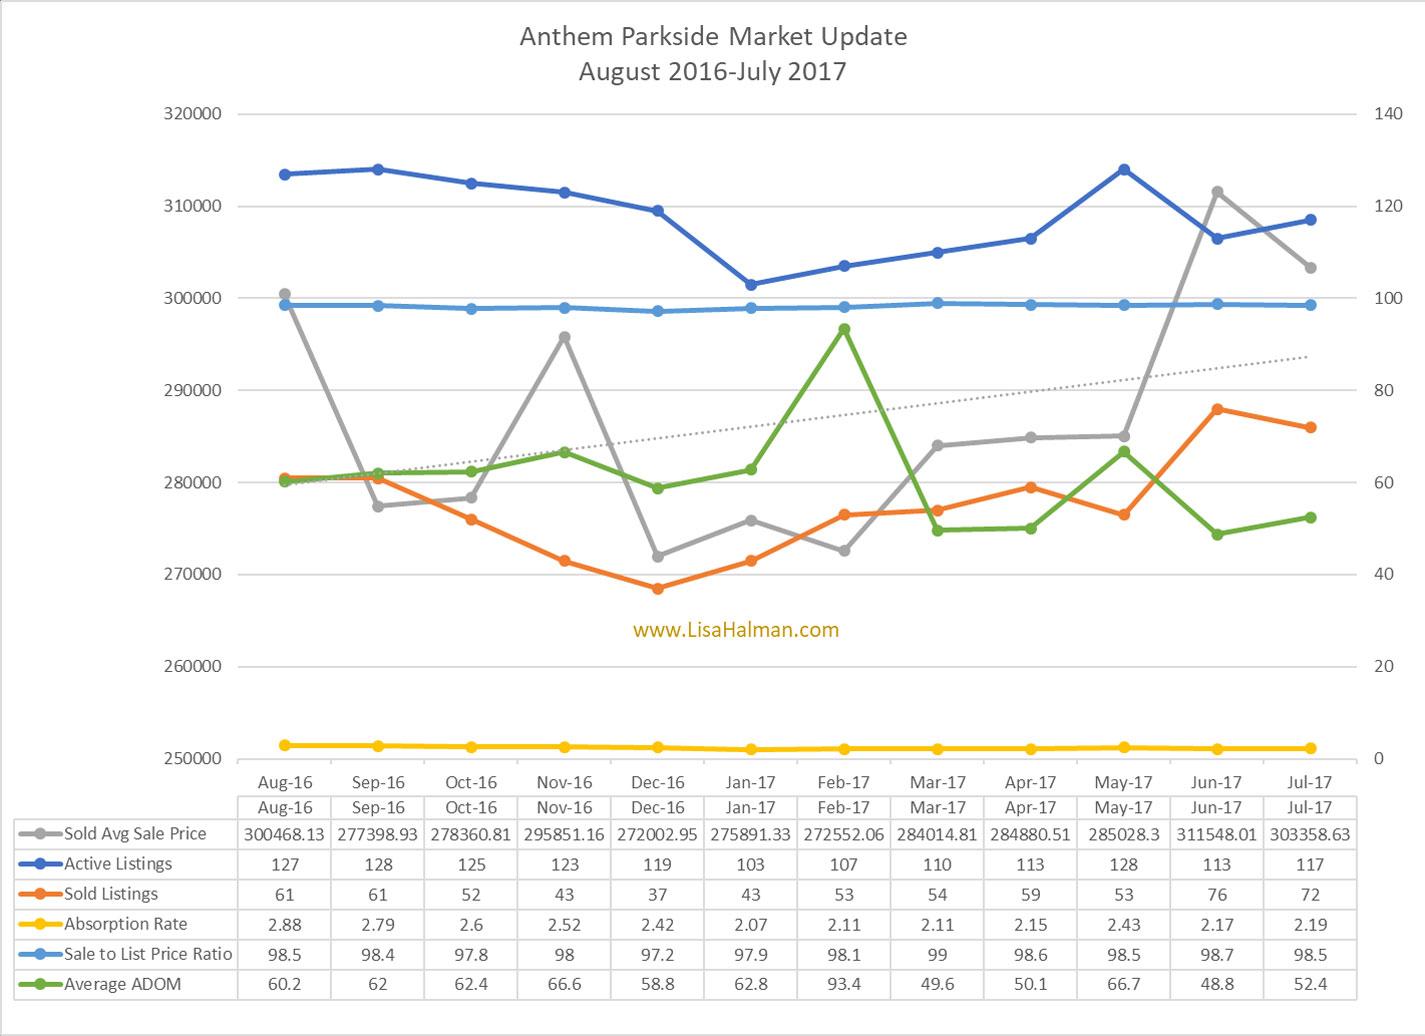 Anthem Market Update July 2017